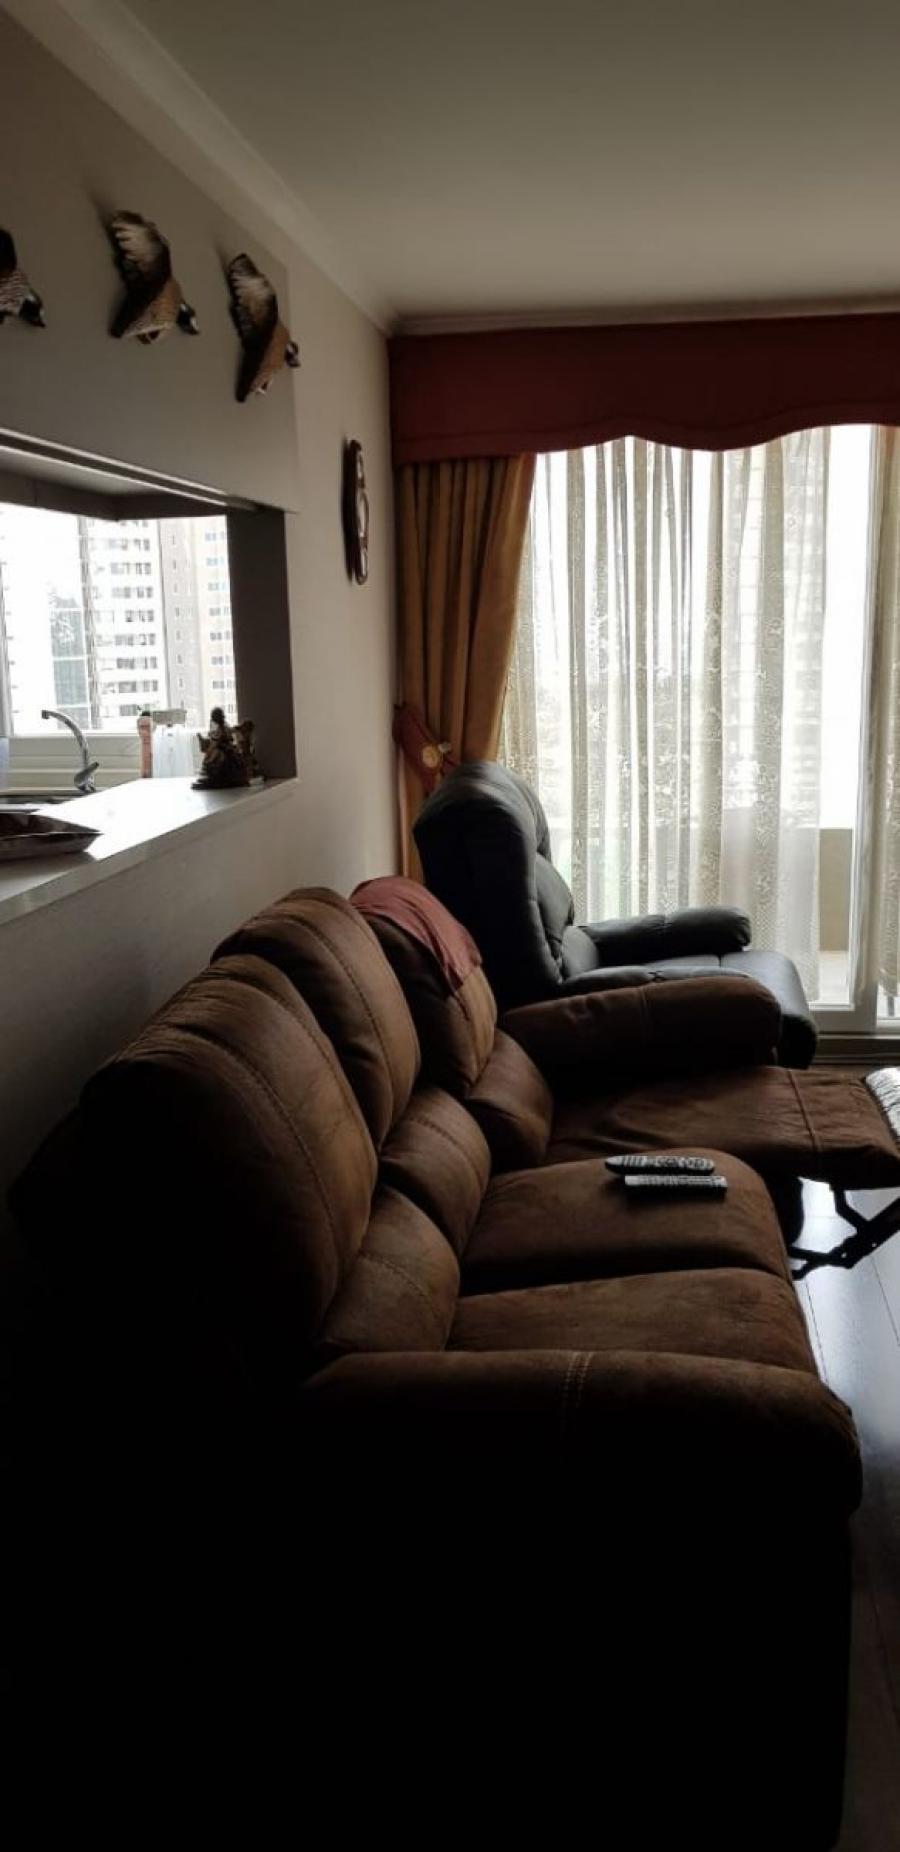 Foto Departamento en Venta en Conc�n, Valparaiso - $ 135.000.000 - DEV111782 - BienesOnLine